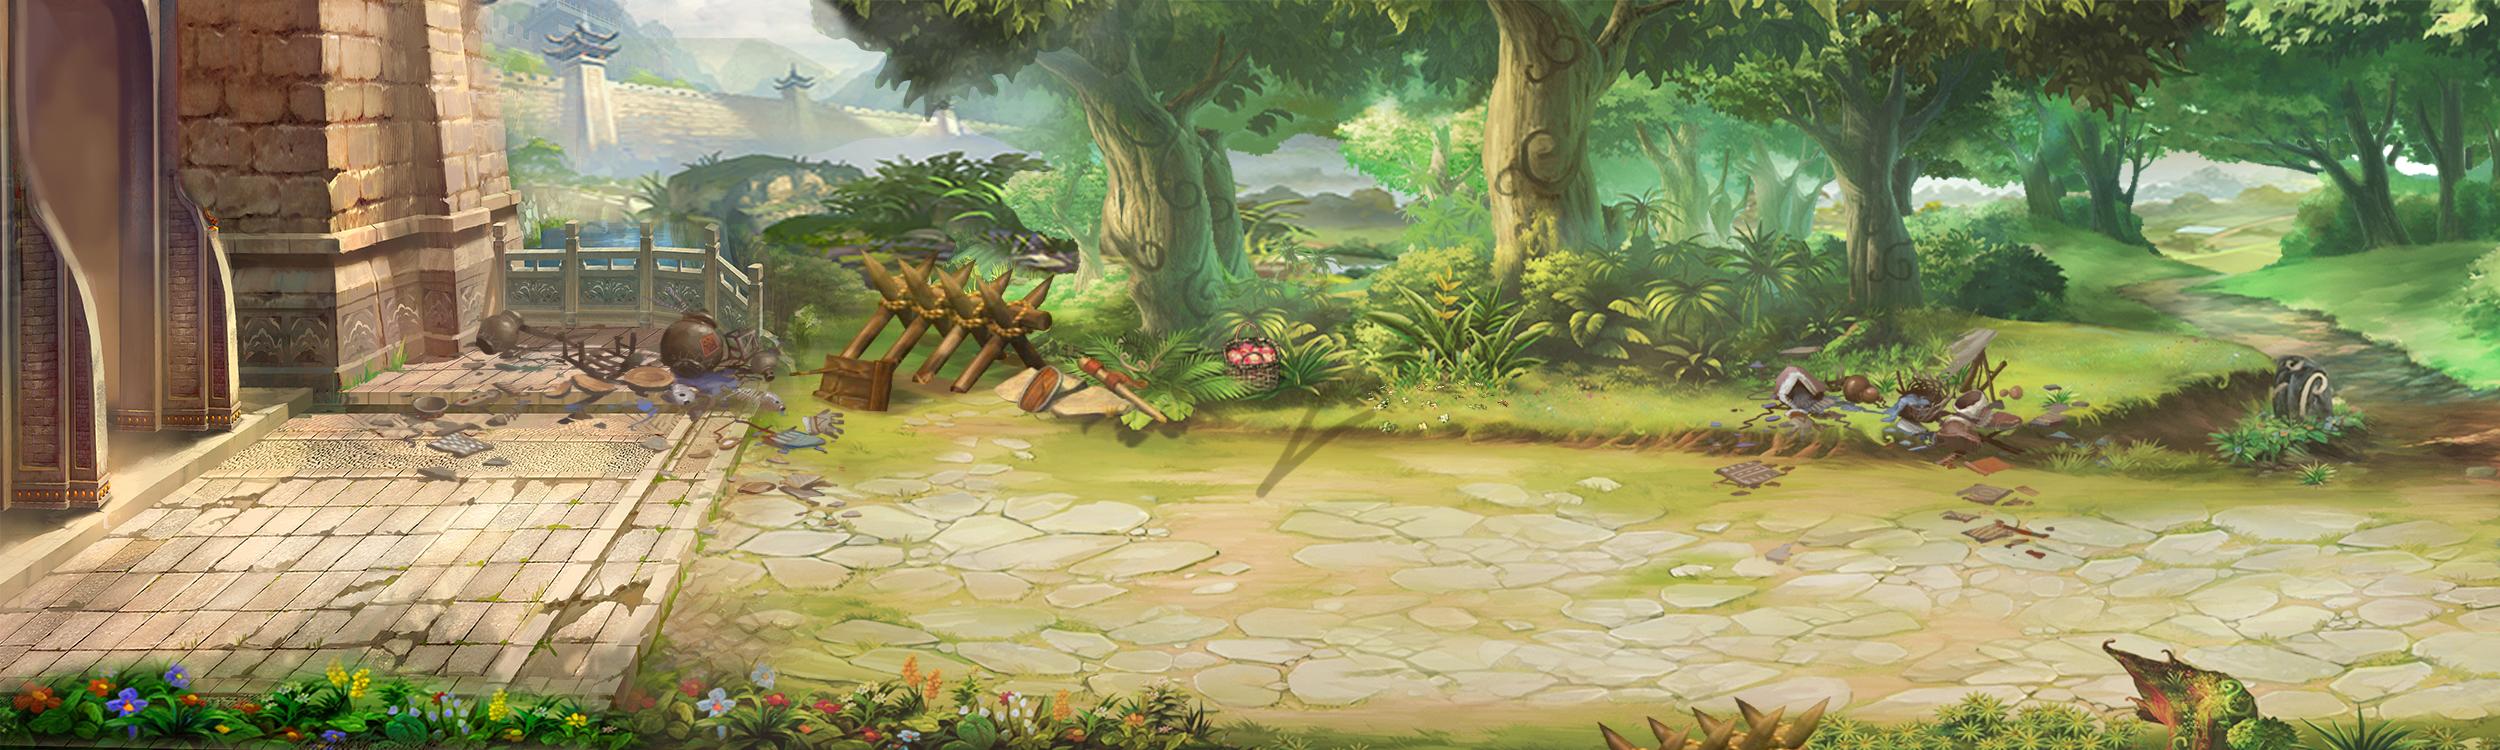 《武斗三国》游戏场景原画欣赏